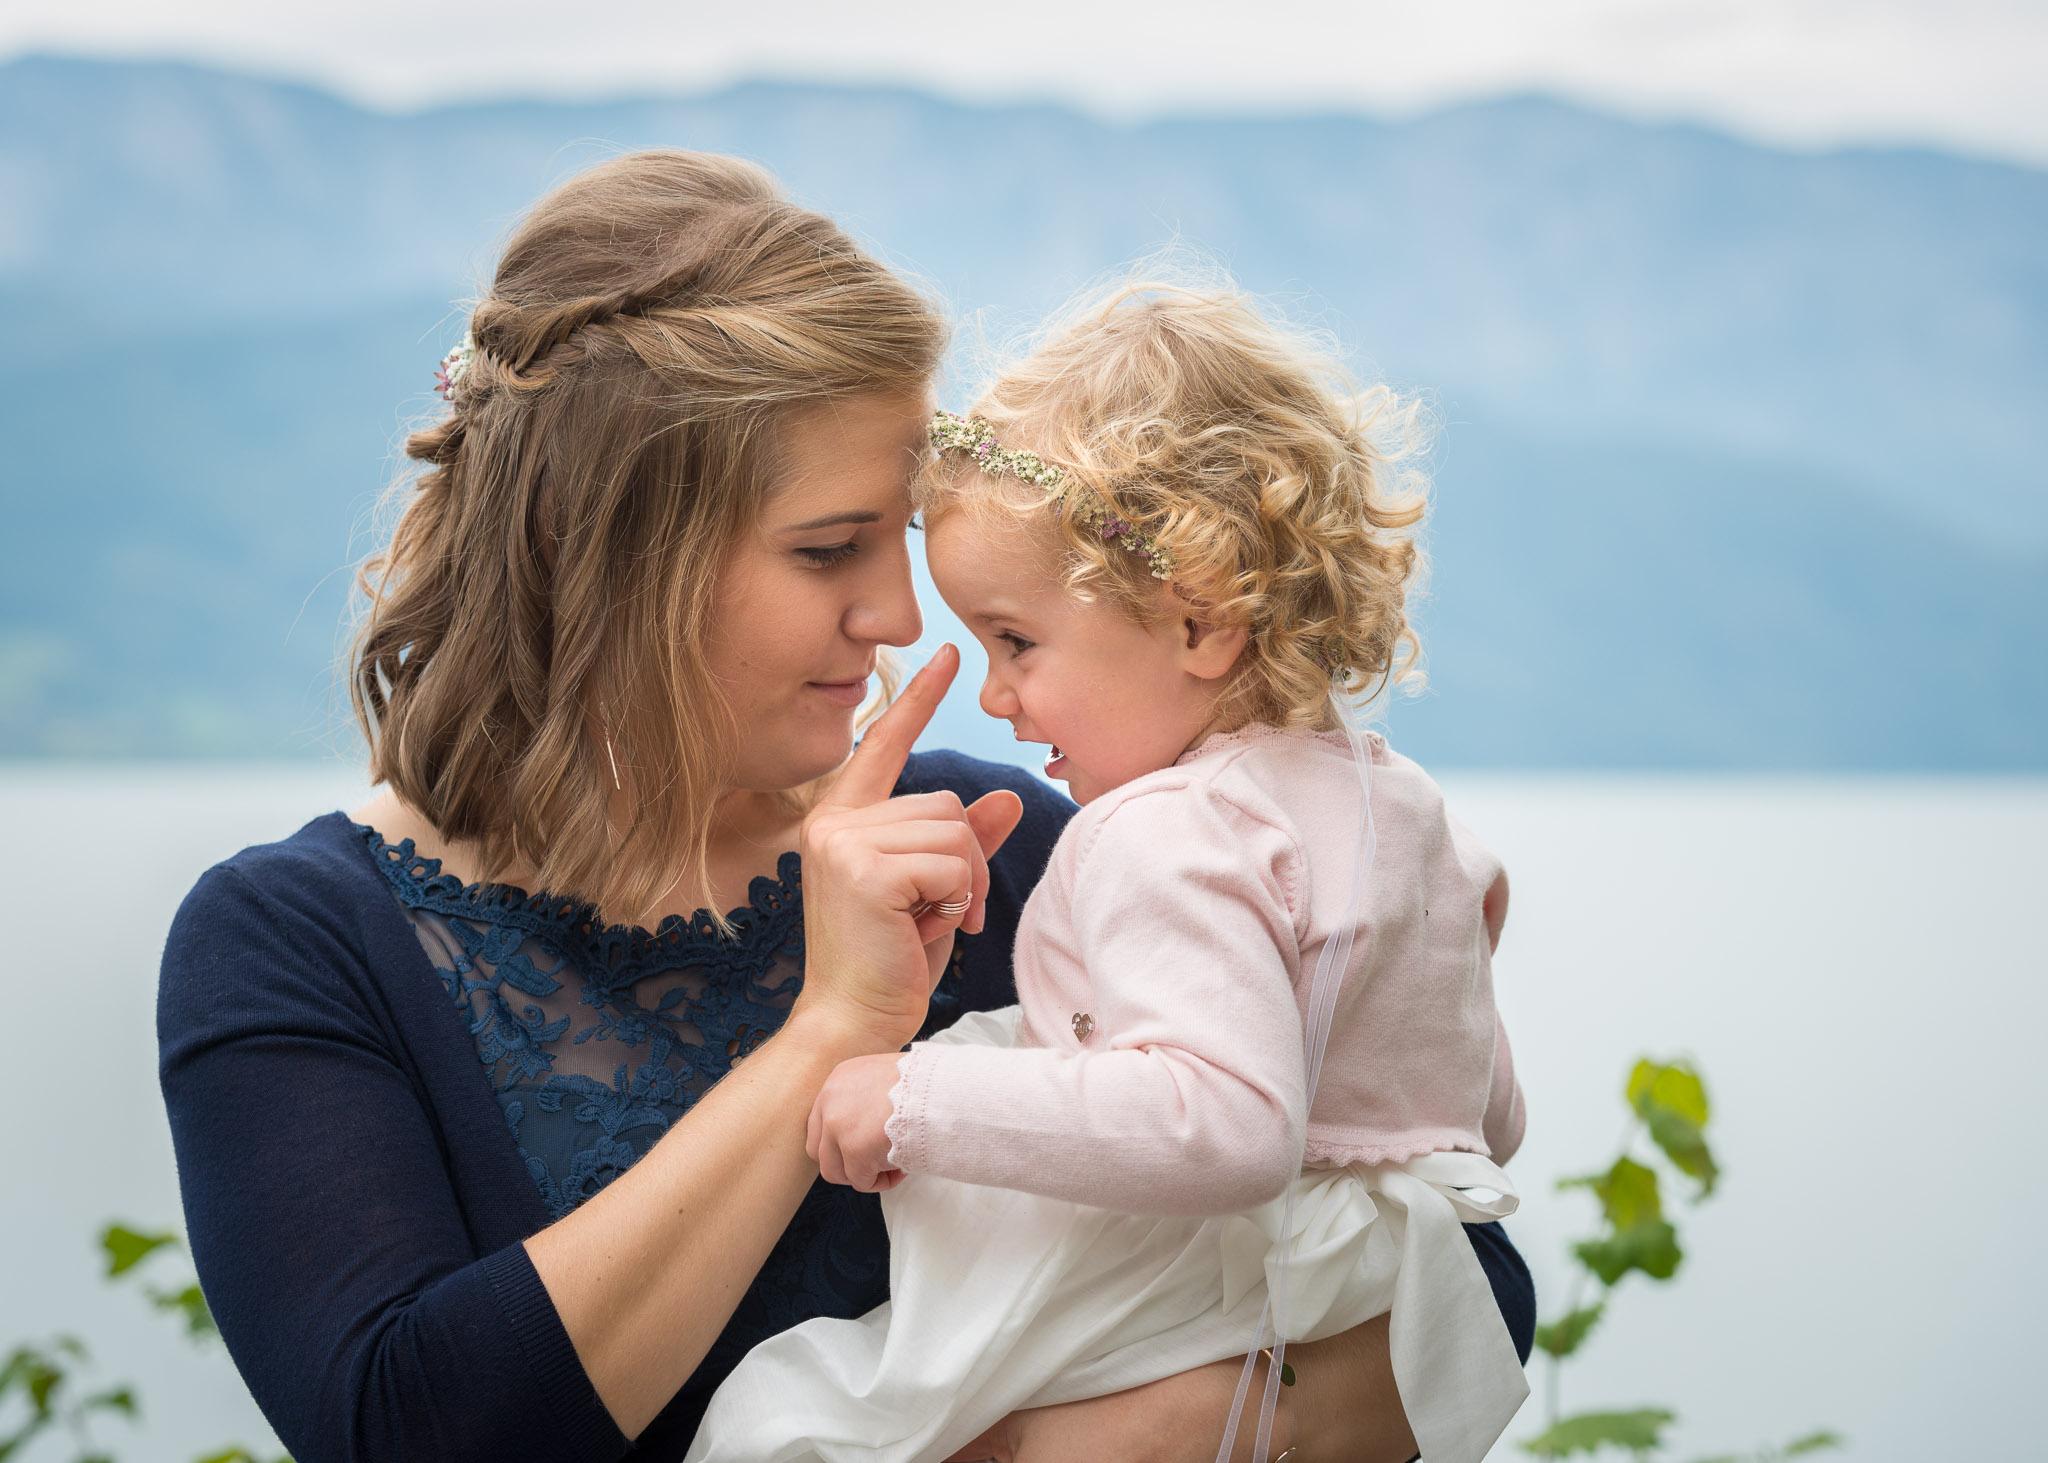 Frau mit Kind am Arm